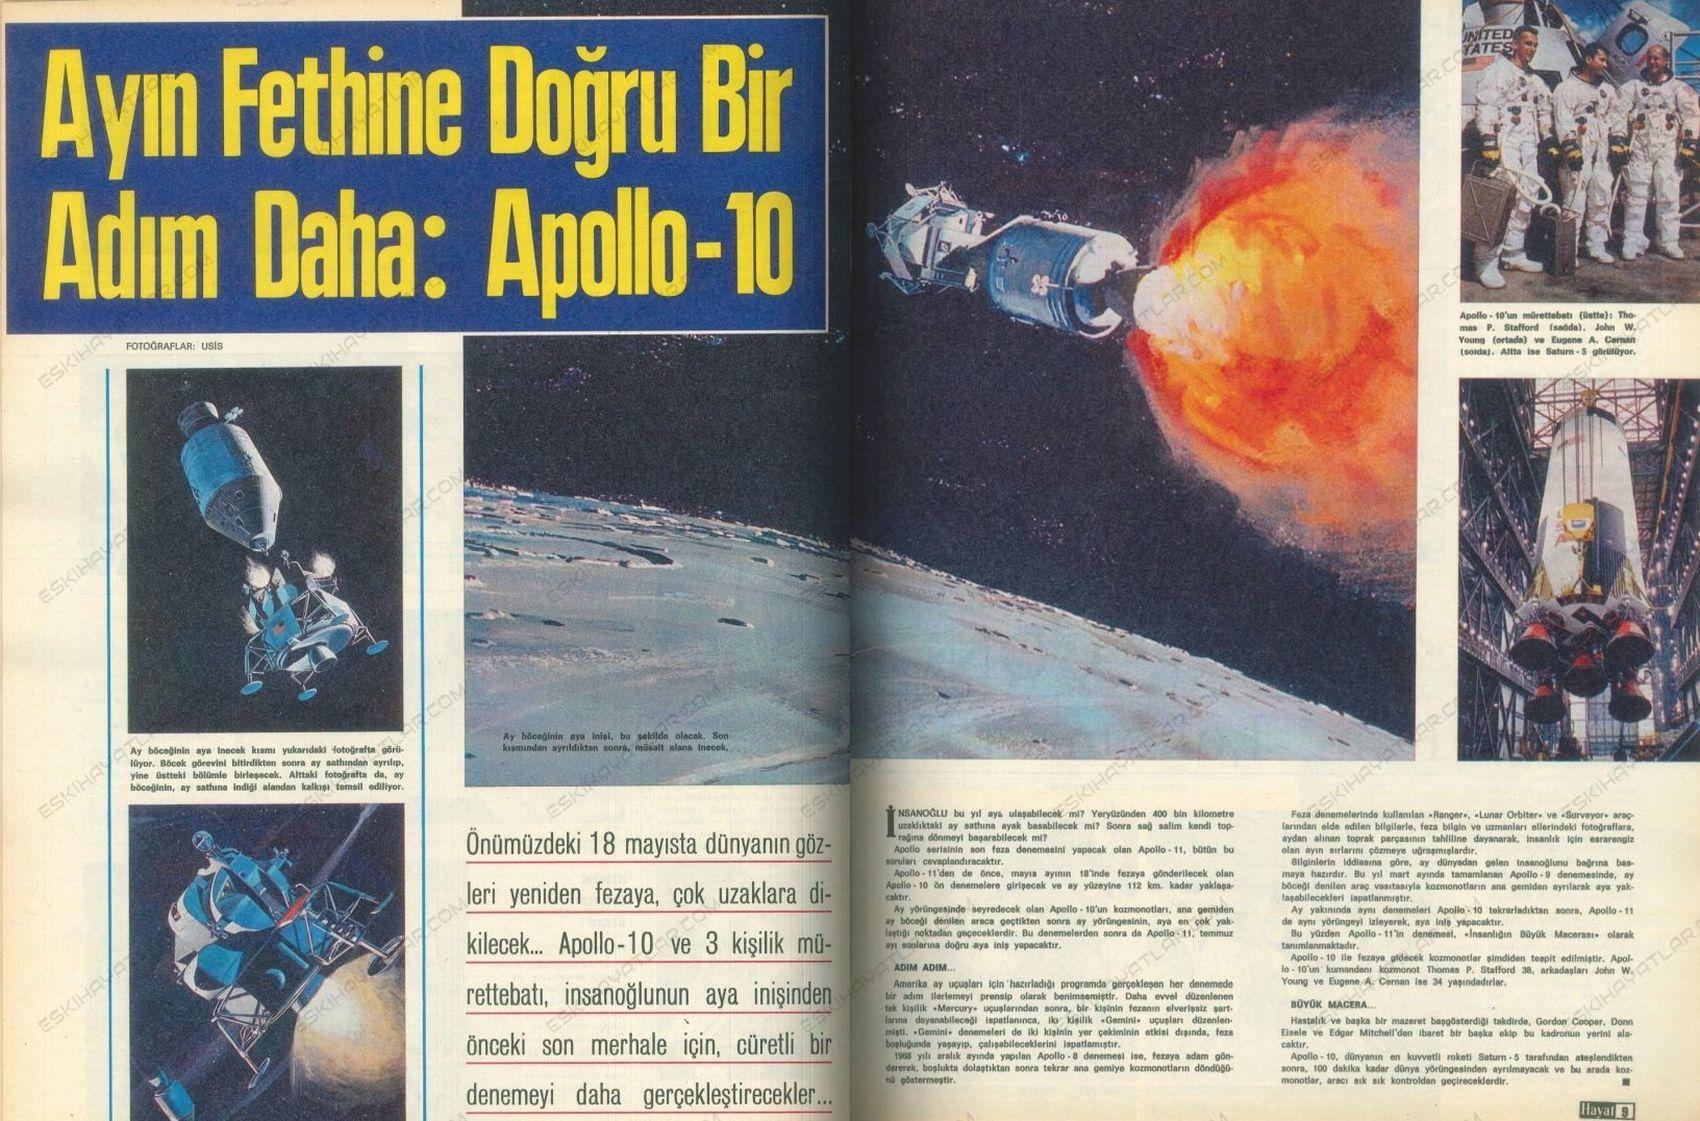 0210-apollo-10-ve-uc-kisilik-murettebati-aya-ulasti-neil-armstrong-1969-hayat-dergisi (3)